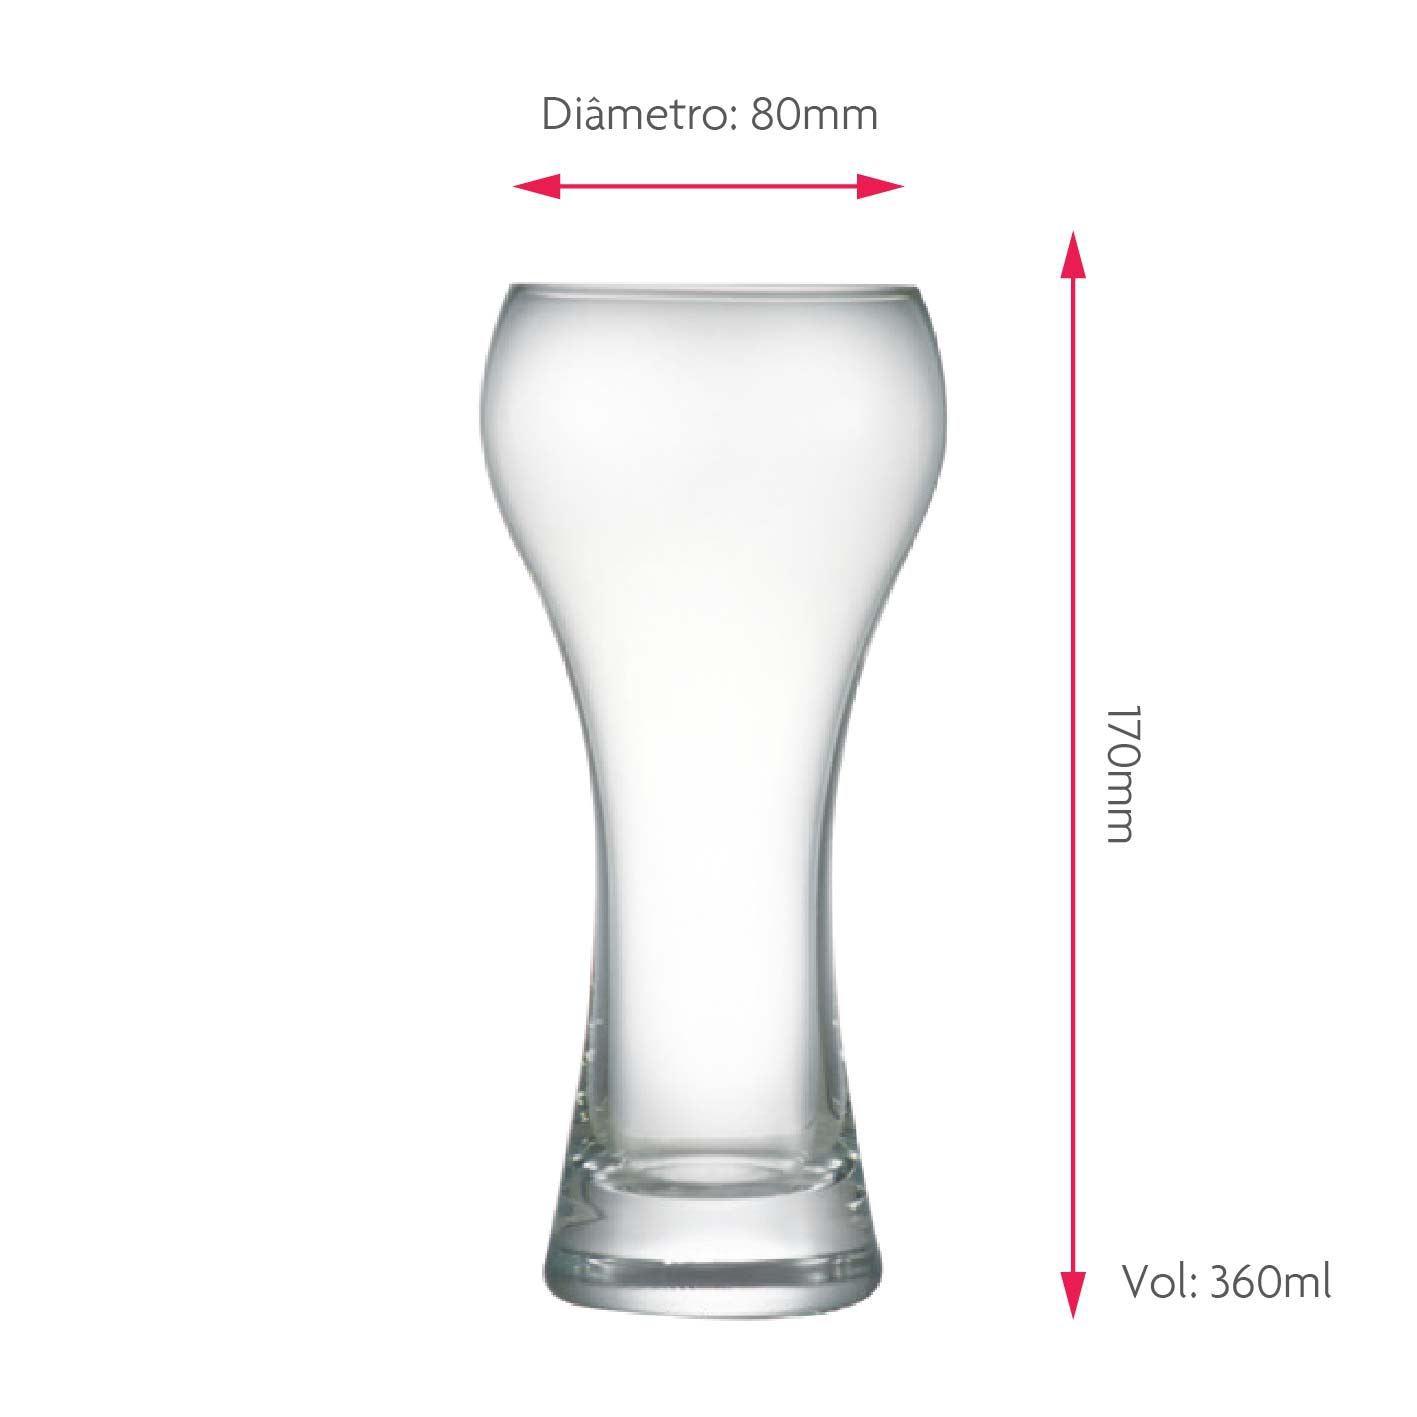 Copo de Cerveja de Cristal Weiss Premium M 360ml